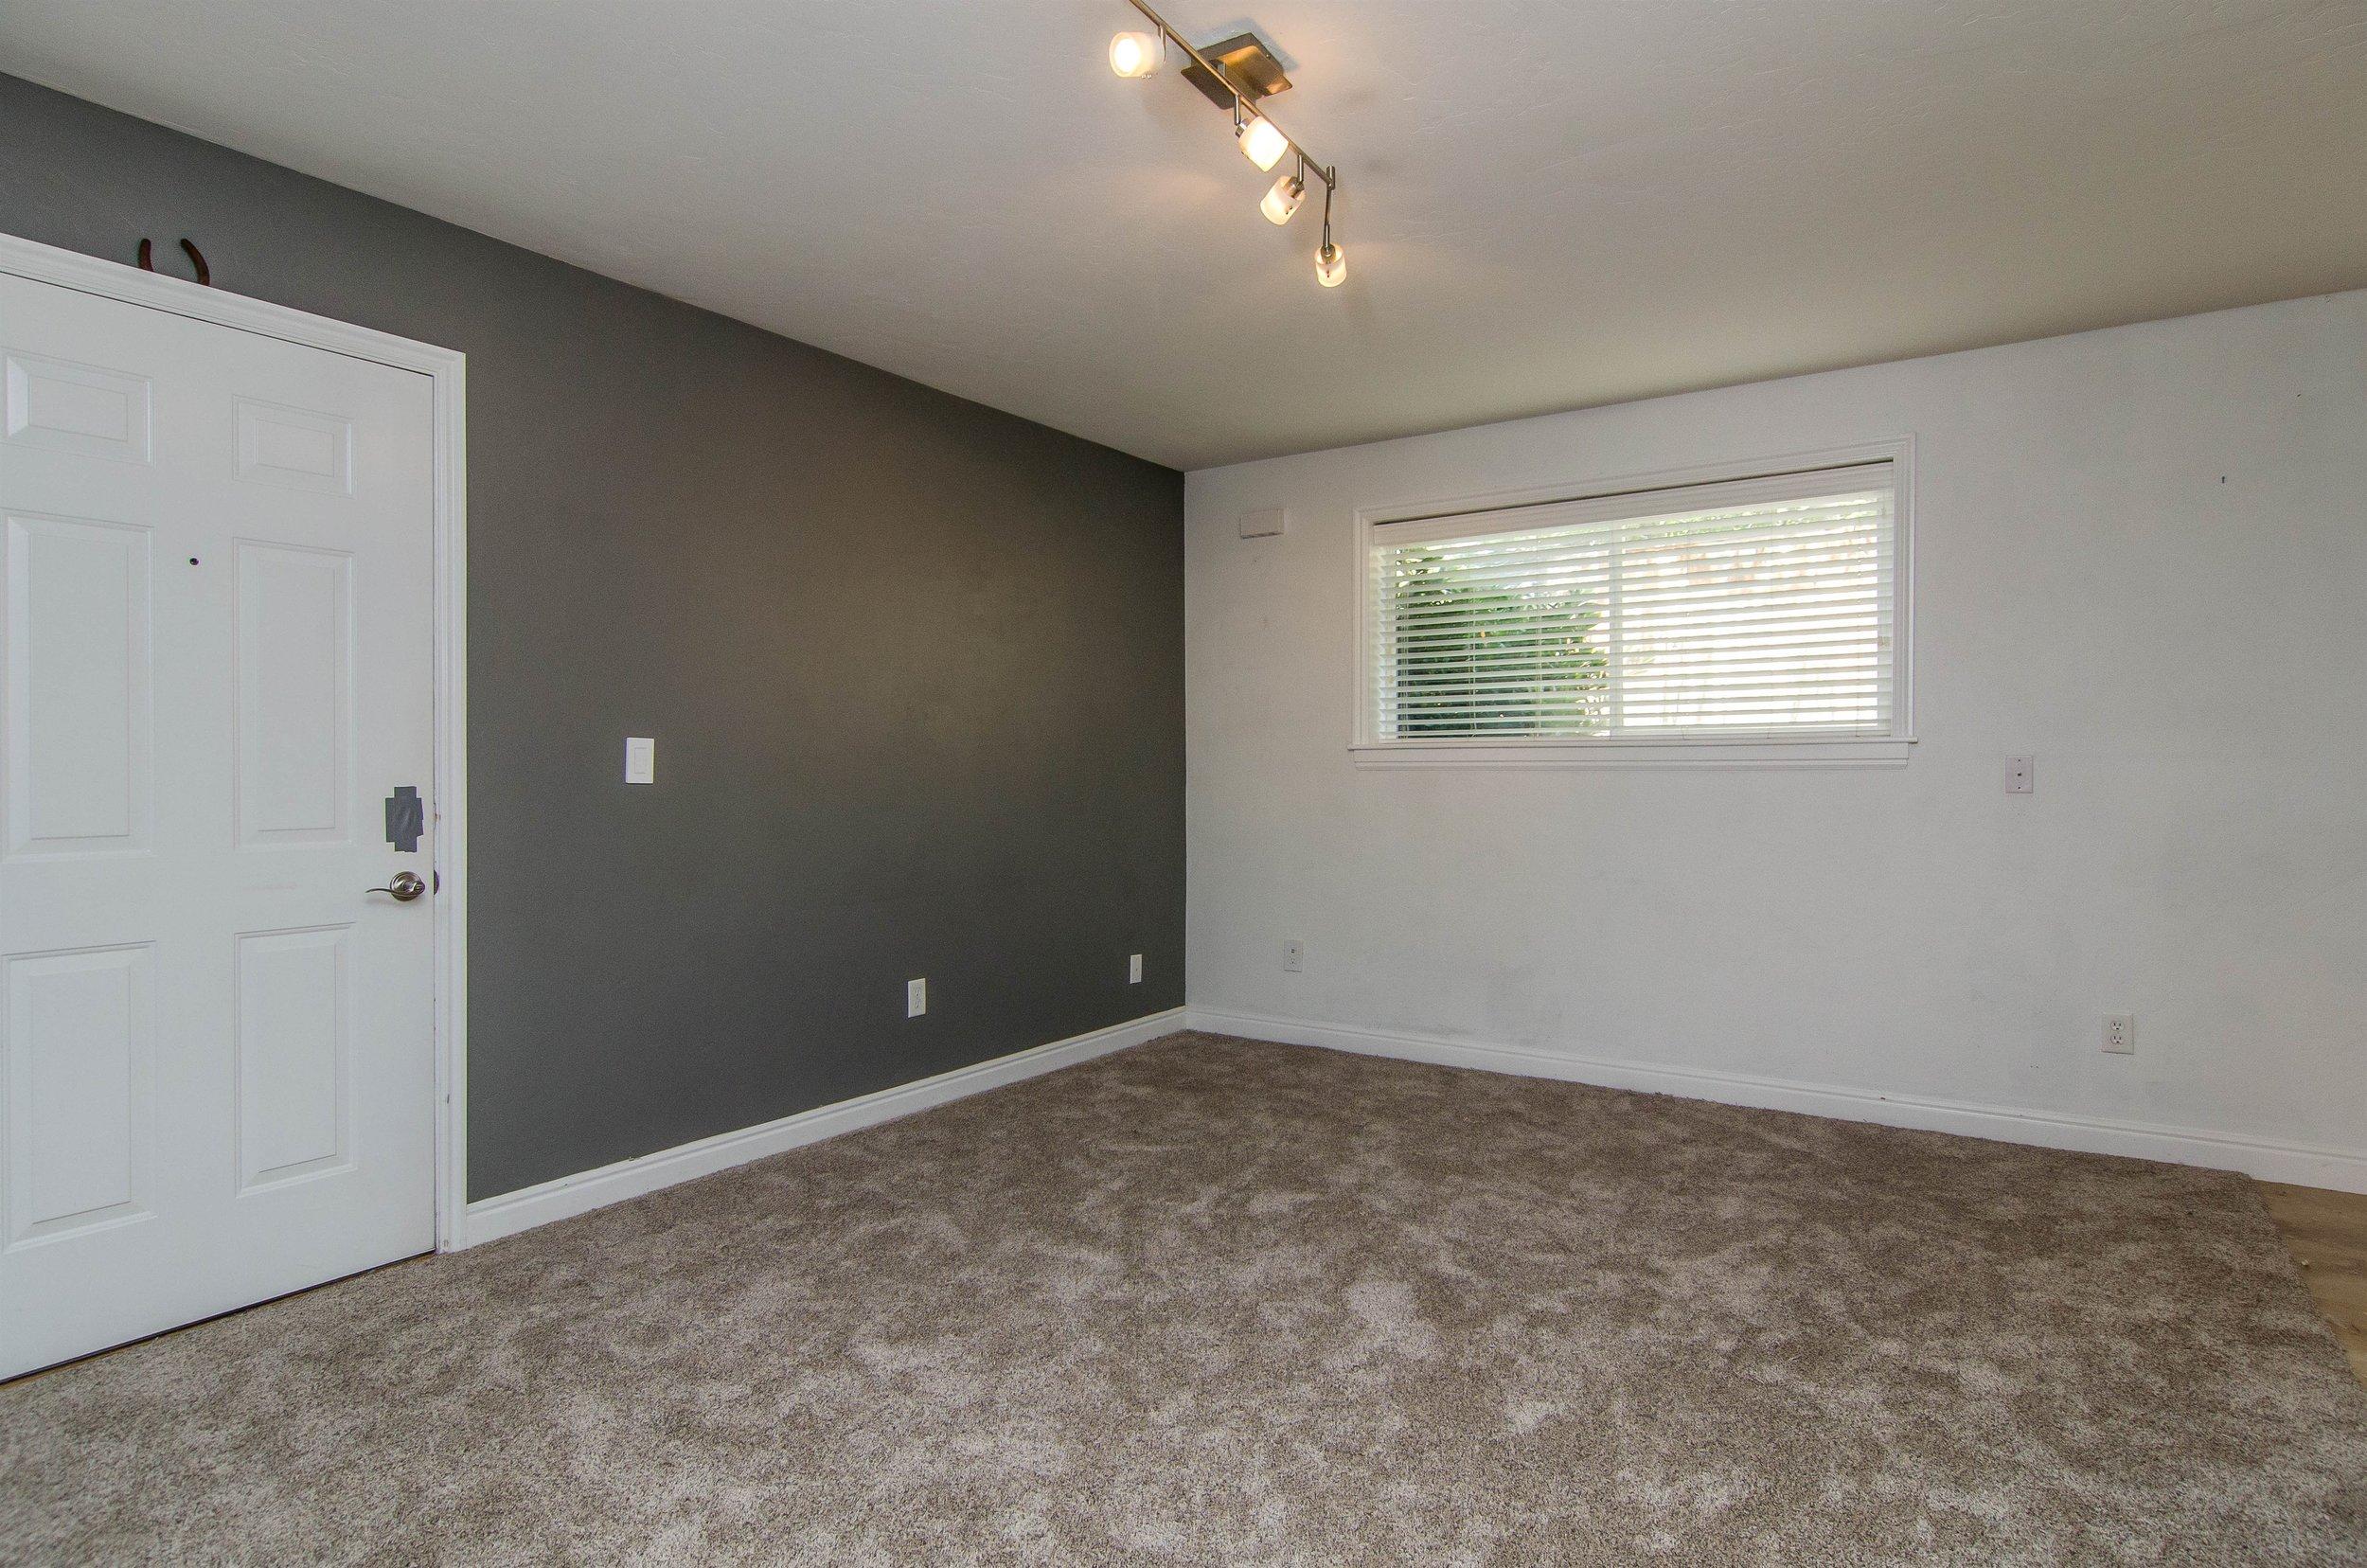 007_Living Room .jpg